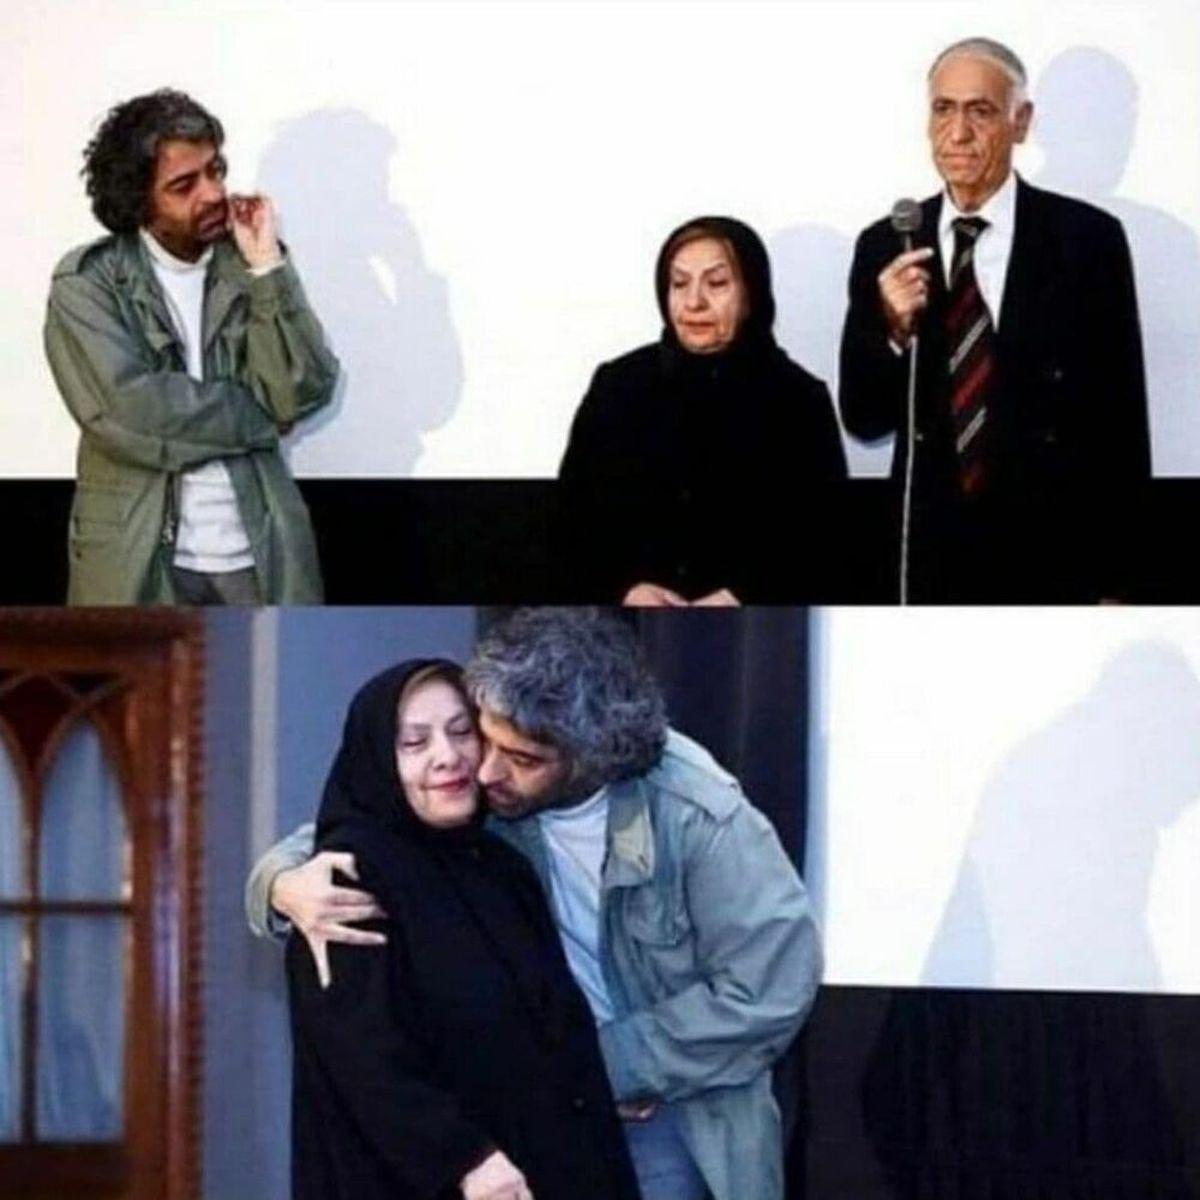 اعتراف والدین بابک خرمدین به قتل داماد و دخترش + ویدئو